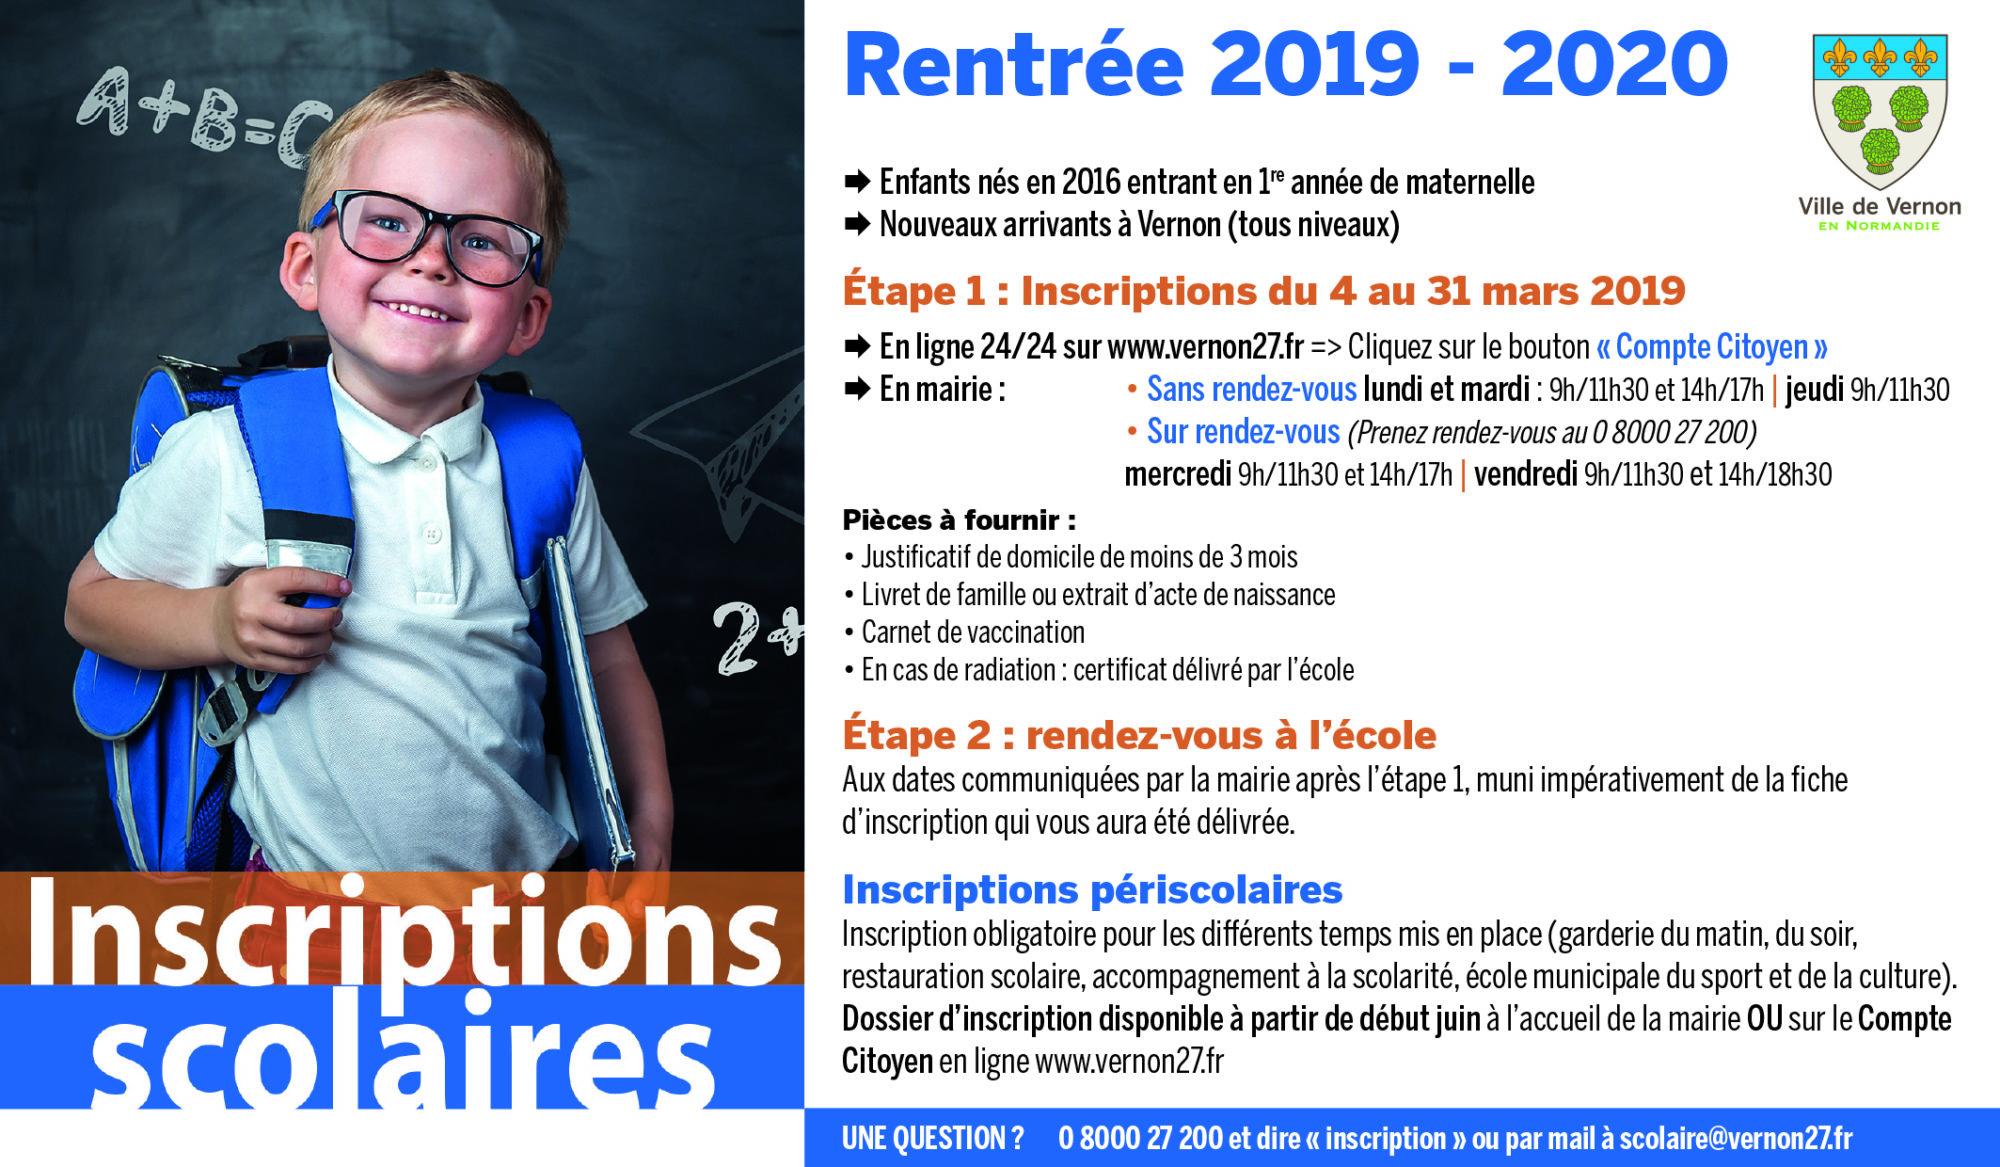 Les inscriptions pour la rentrée scolaire 2019/2020 seront ouvertes du 4 au 31 mars. Elles s'adressent aux enfants qui auront 3 ans avant le 31 décembre 2019 (entrant en 1ere année de maternelle) ainsi qu'aux nouveaux arrivants à Vernon (tous niveaux).